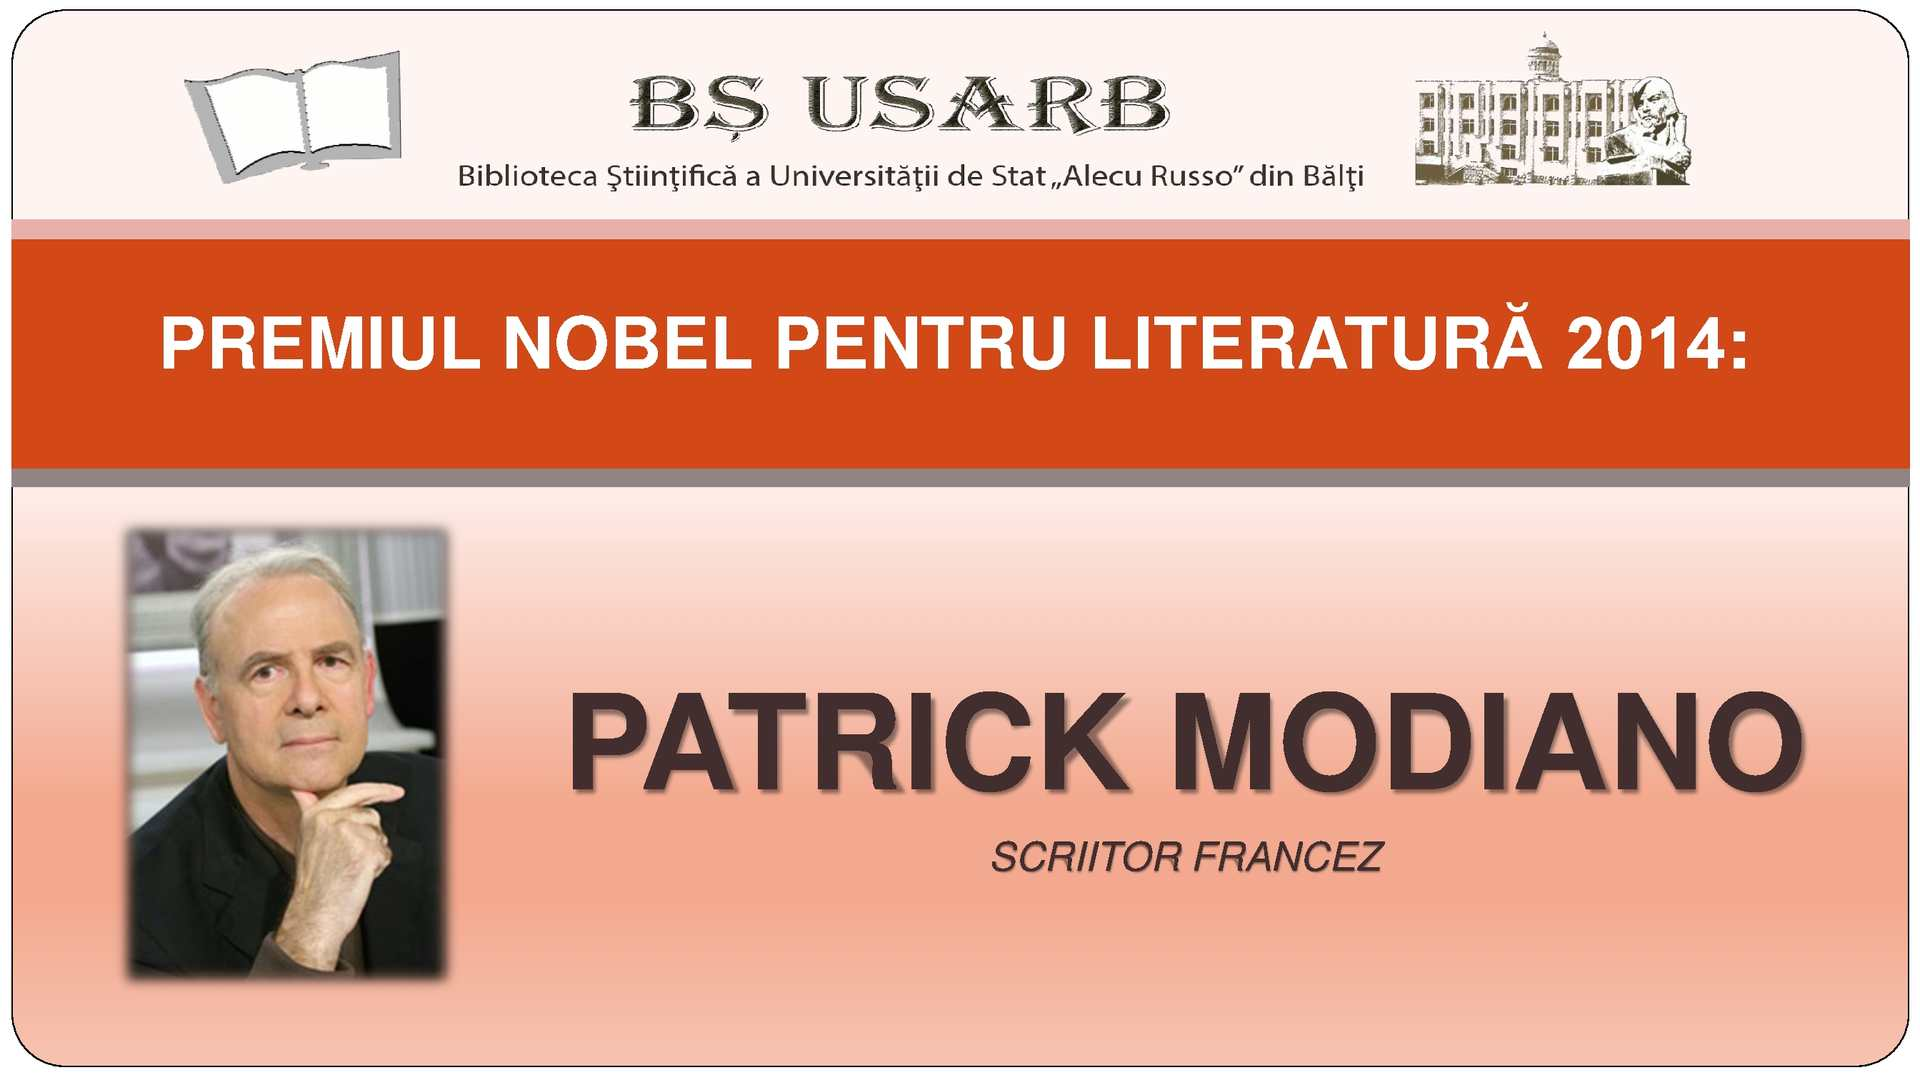 Calaméo Premiul Nobel Pentru Literatură 2014 Patrick Modiano Scriitor Francez